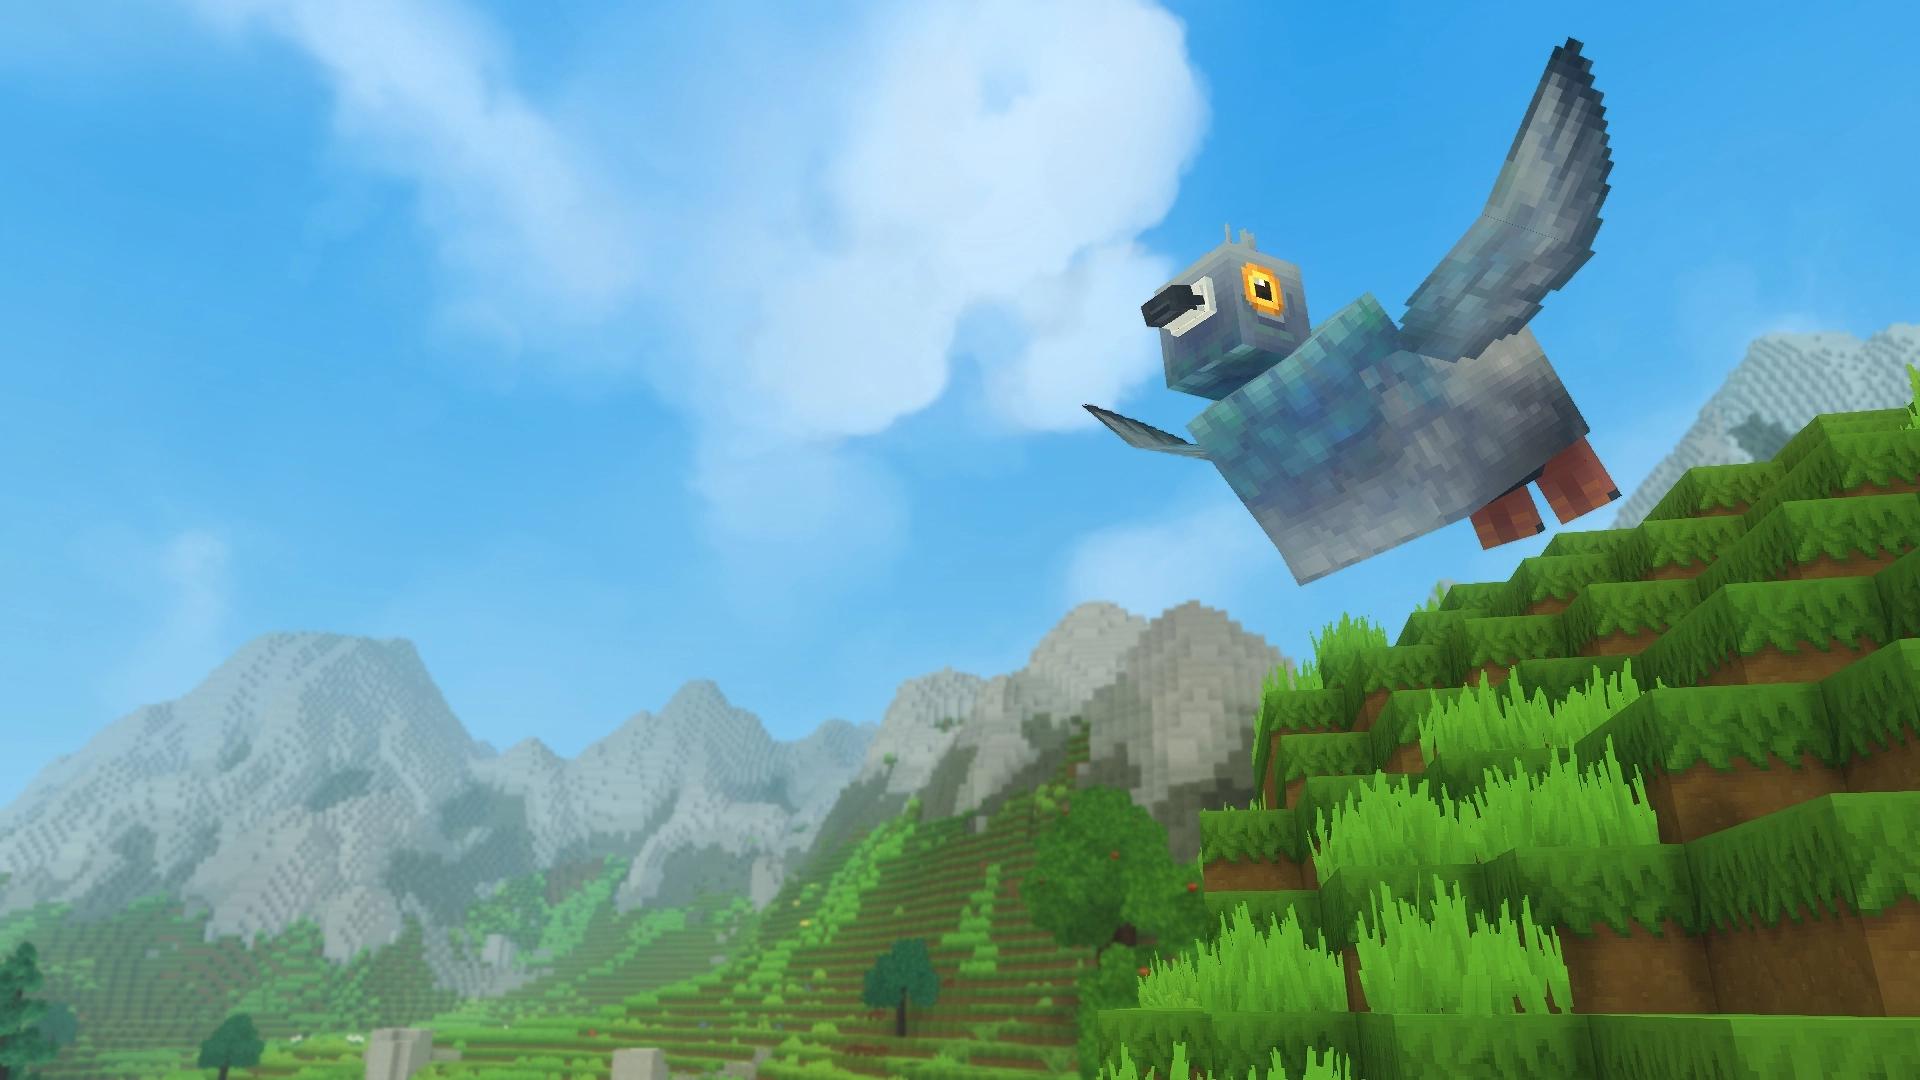 Un pigeon en train de voler, la tête bien avant et les deux ailes relevés, l'air serein.